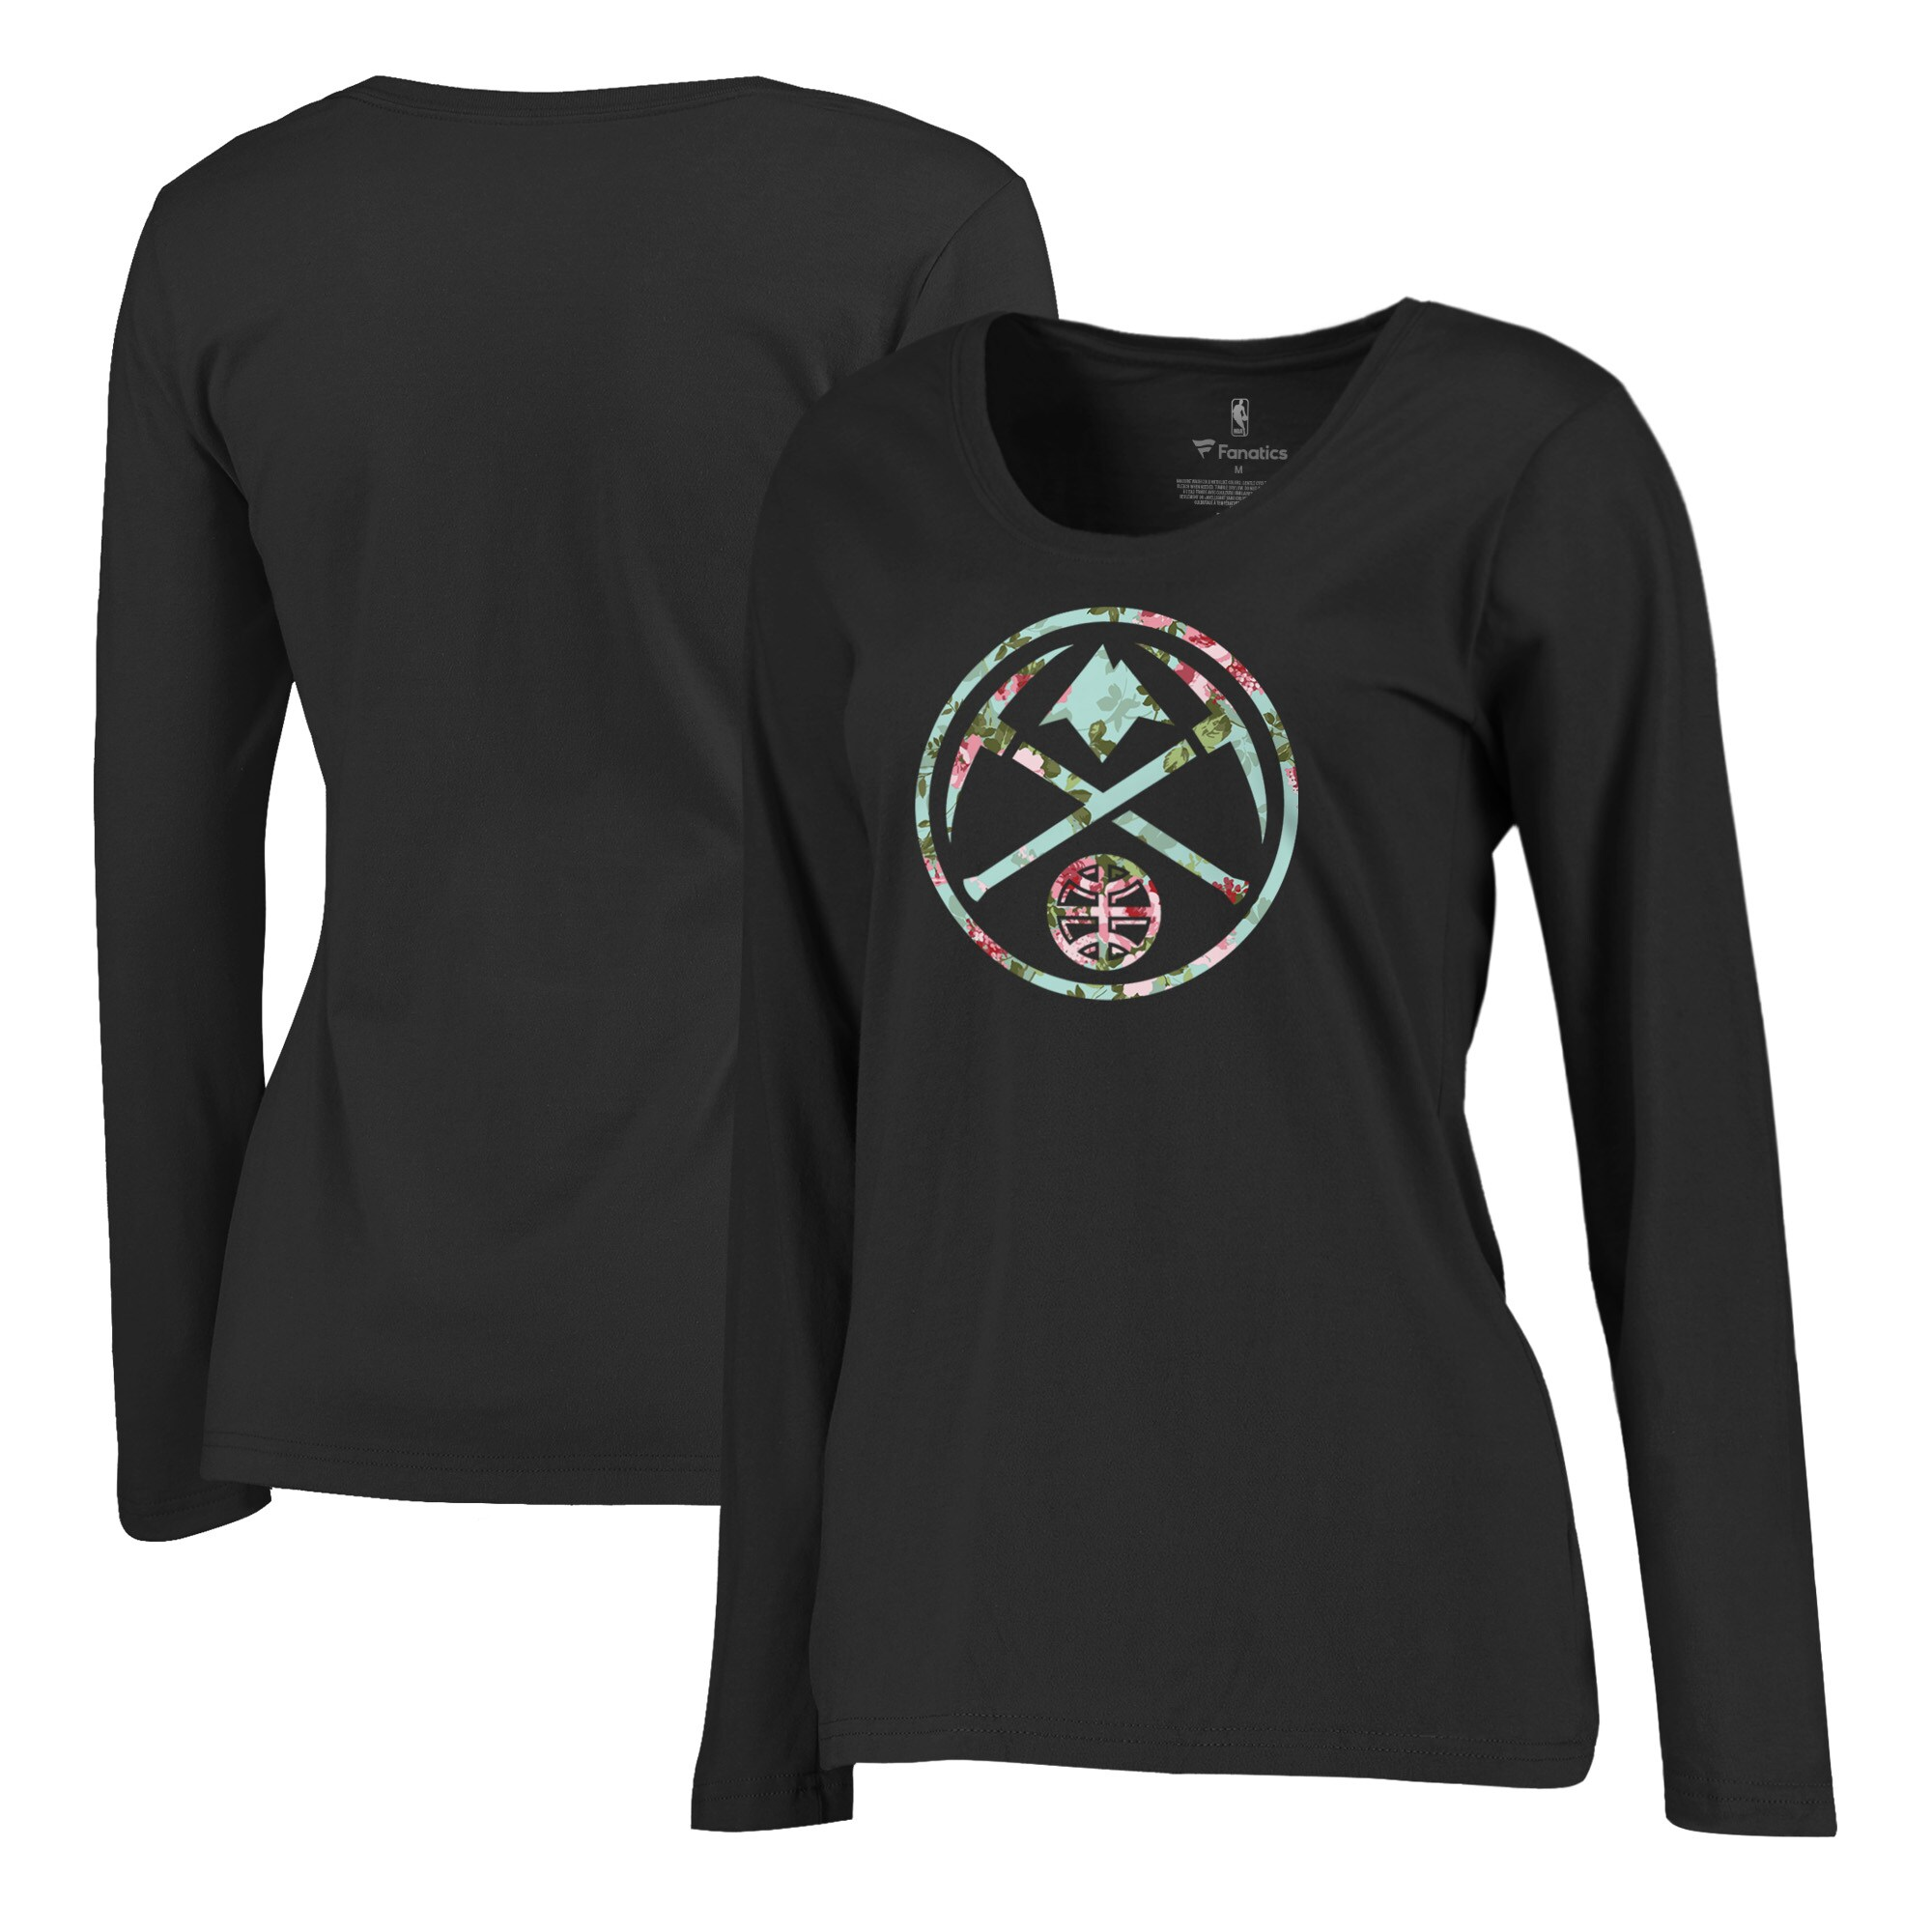 Denver Nuggets Fanatics Branded Women's Lovely Plus Size Long Sleeve V-Neck T-Shirt - Black